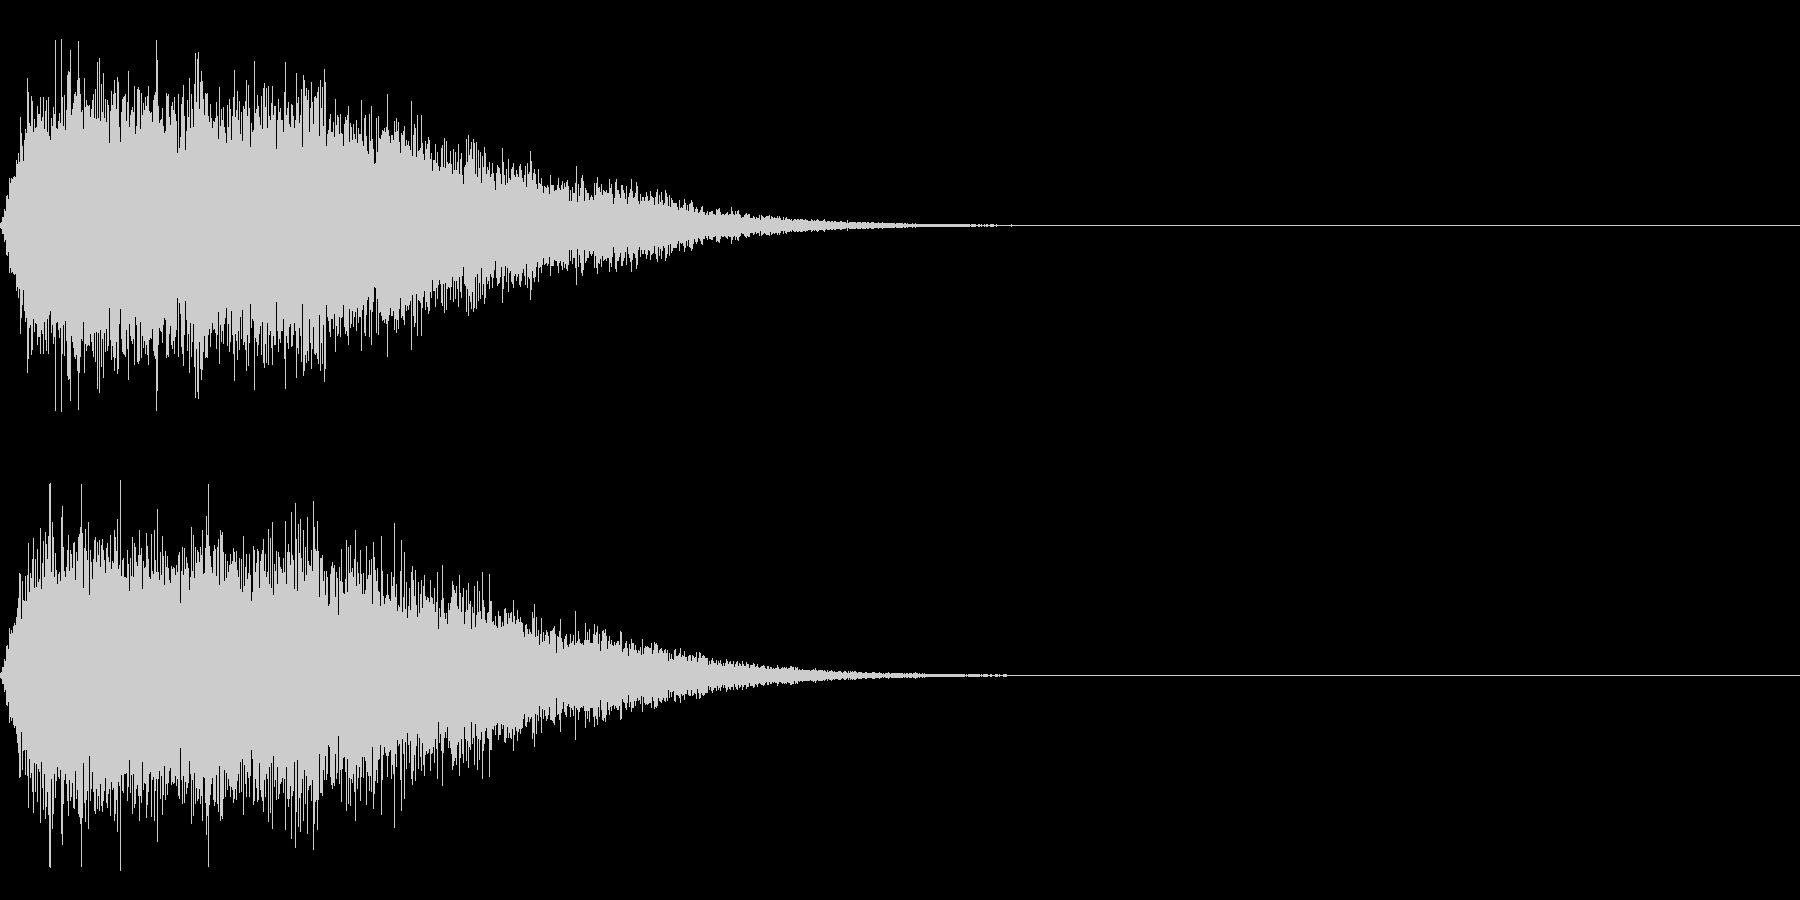 シュー(空気、蒸気、ガス)その3の未再生の波形